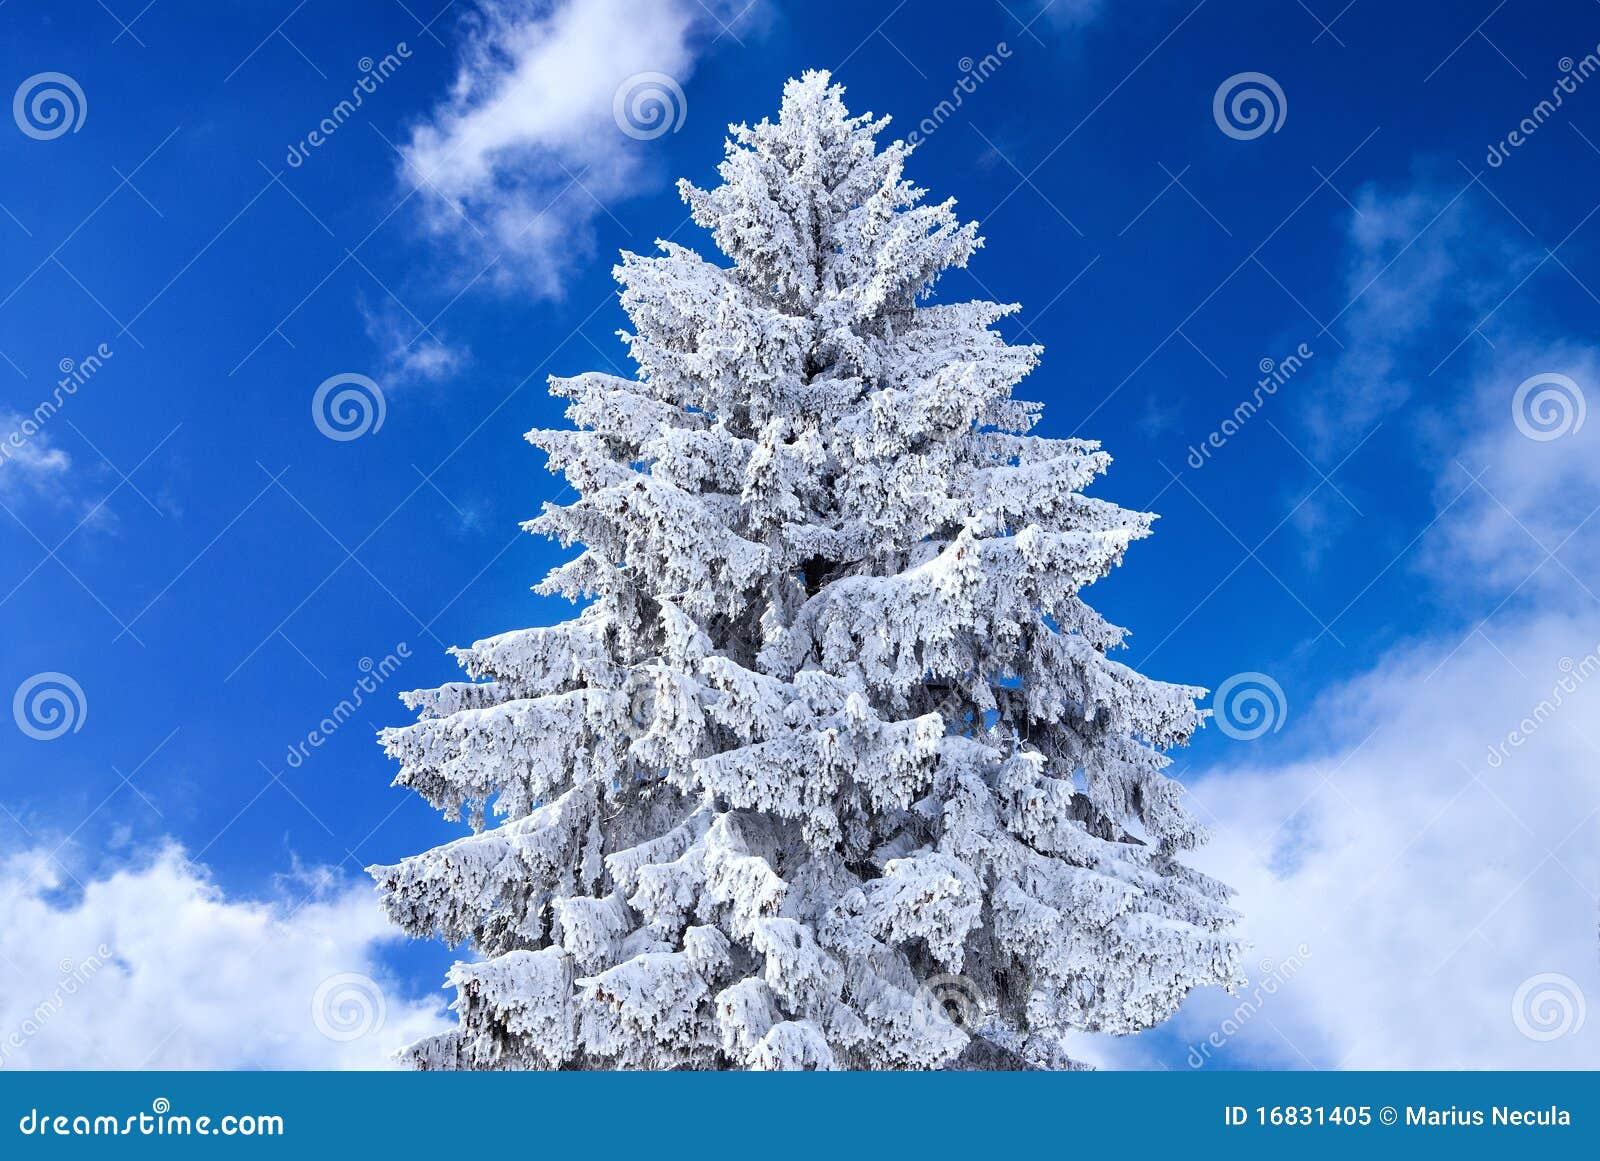 weihnachtsbaum abgedeckt im schnee lizenzfreies stockfoto. Black Bedroom Furniture Sets. Home Design Ideas